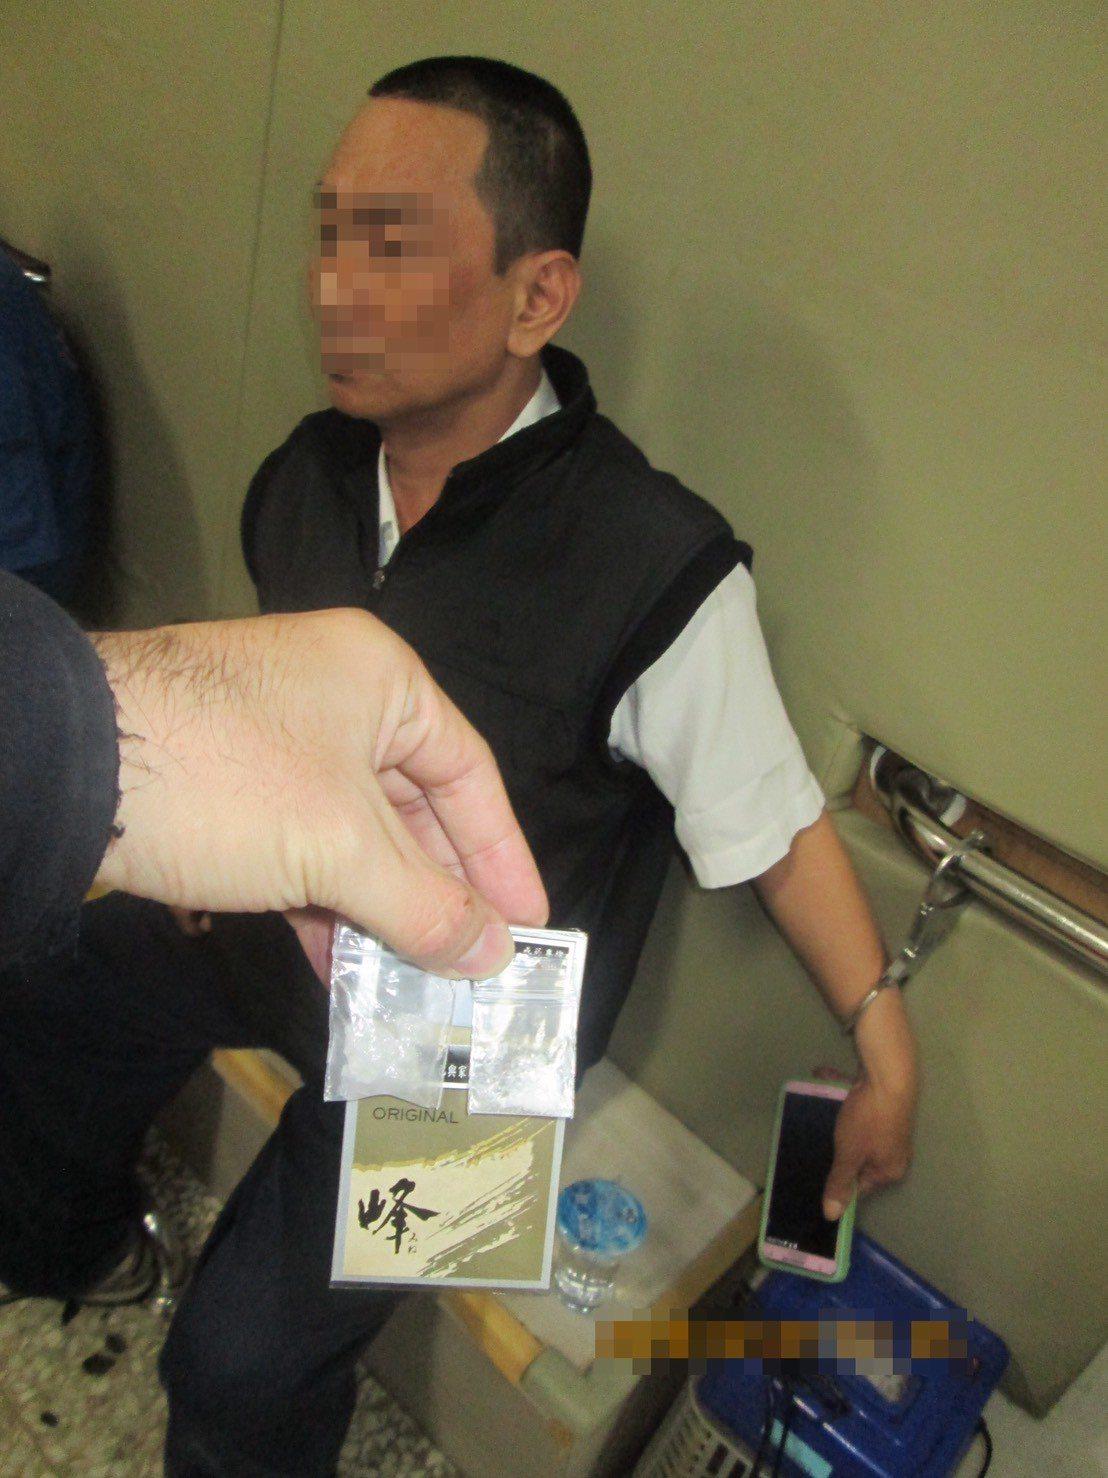 簡姓男子涉嫌持有安非他命毒品,被警方查獲法辦。記者黃宣翰/翻攝